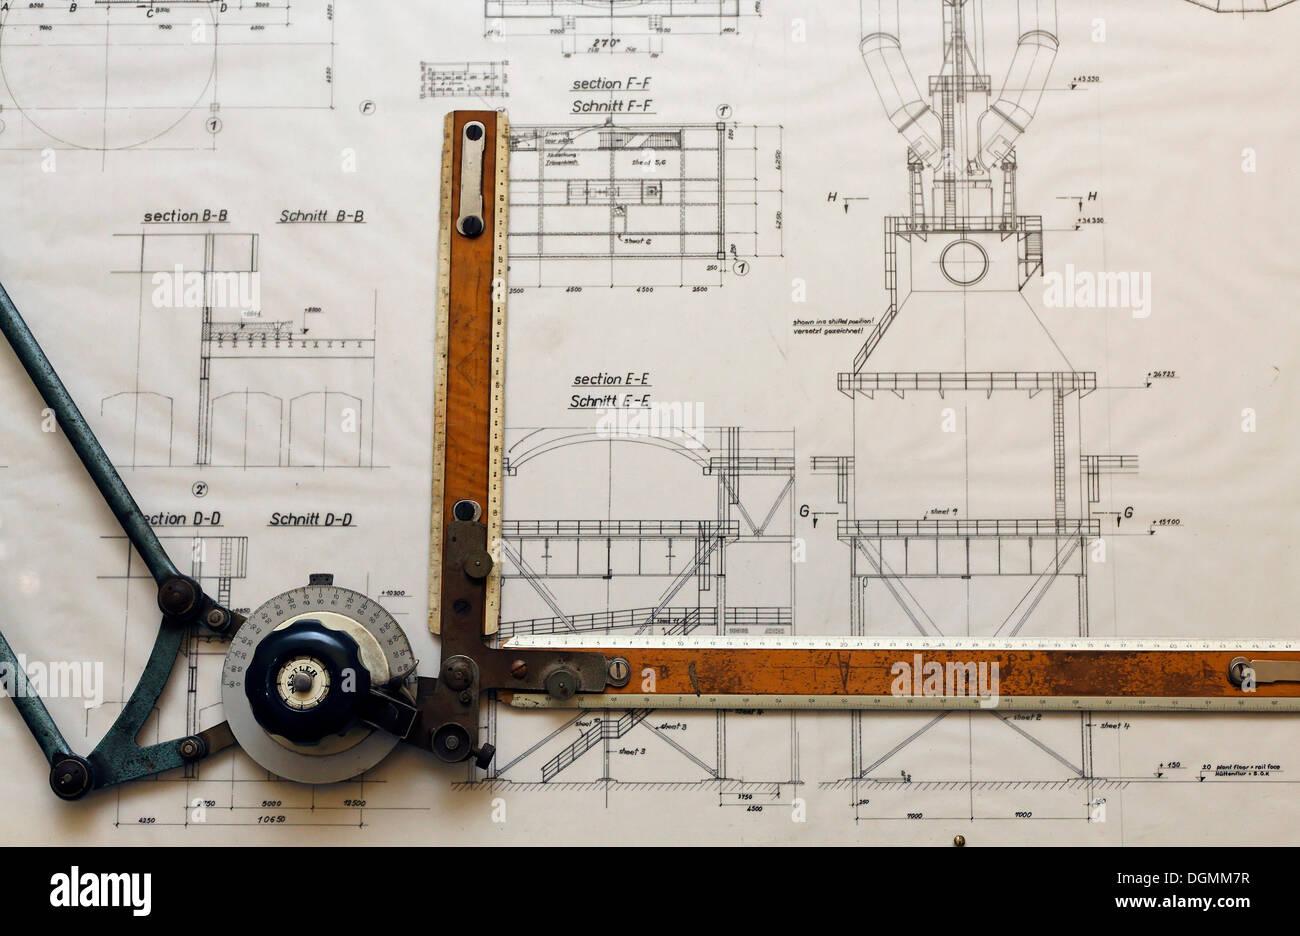 Dessin de conception d'un catcher pour un haut-fourneau, planche à dessin de la construction Ministère de l'Gutehoffnungshuette Photo Stock